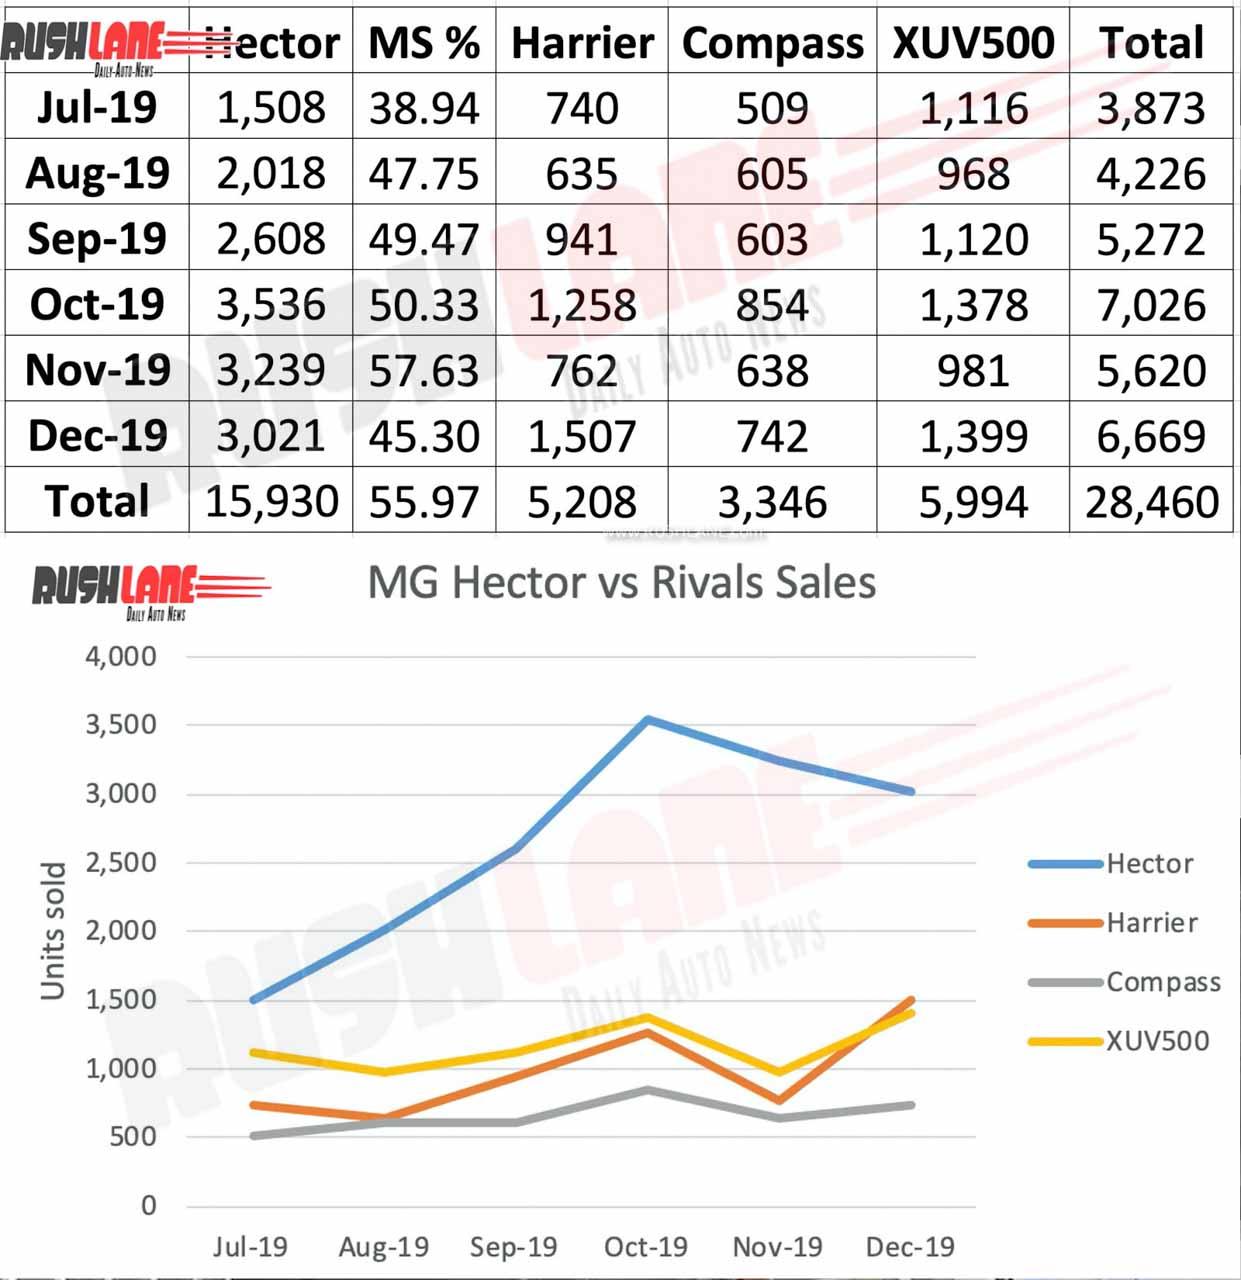 MG Hector vs rival sales in 2019